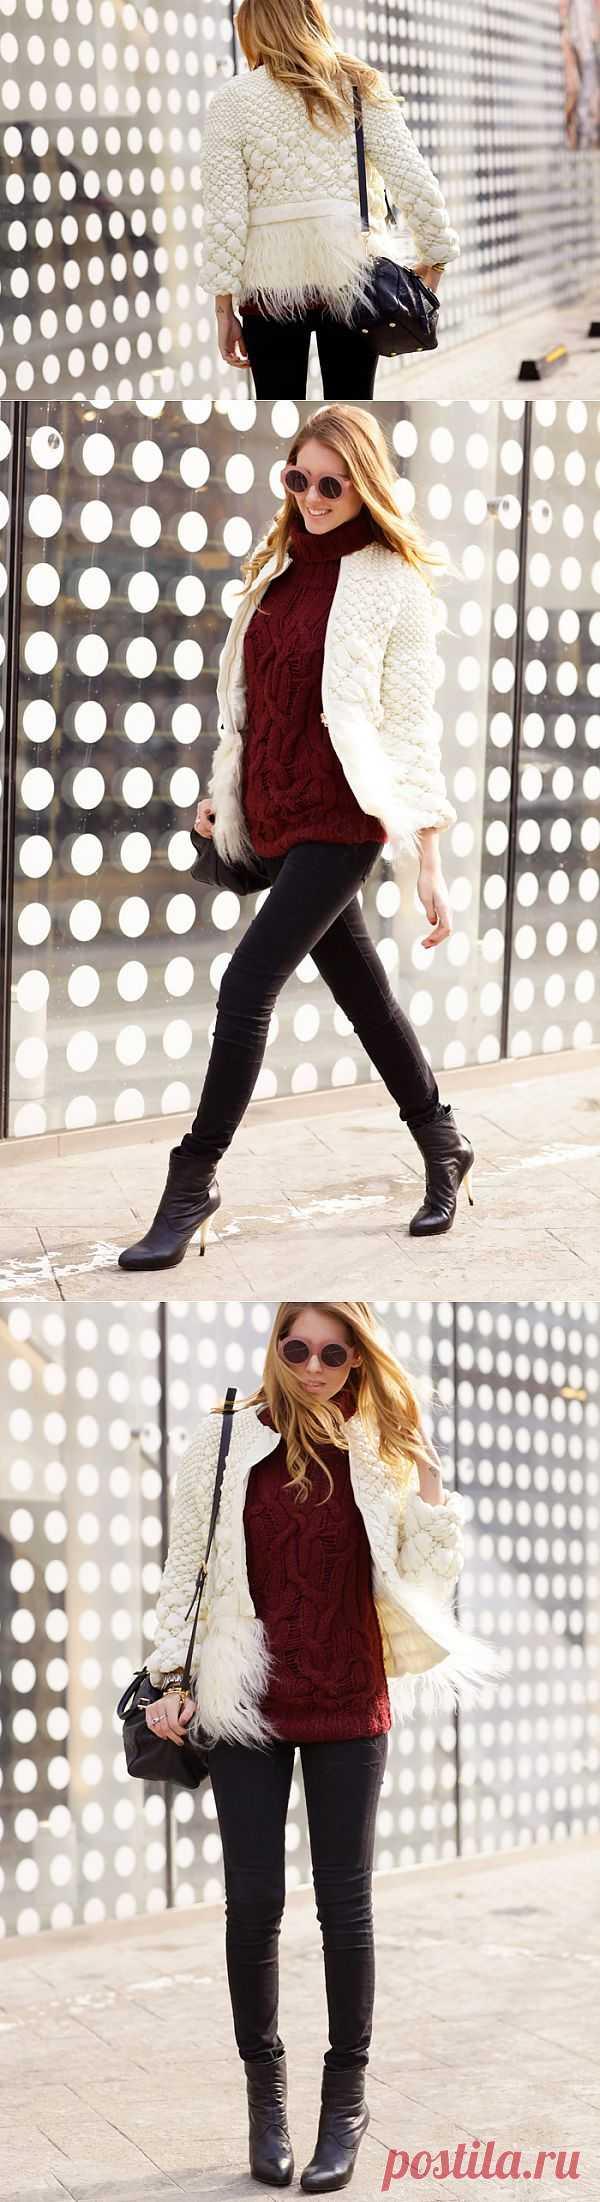 Интересно простеганная куртка / Фактуры / Модный сайт о стильной переделке одежды и интерьера